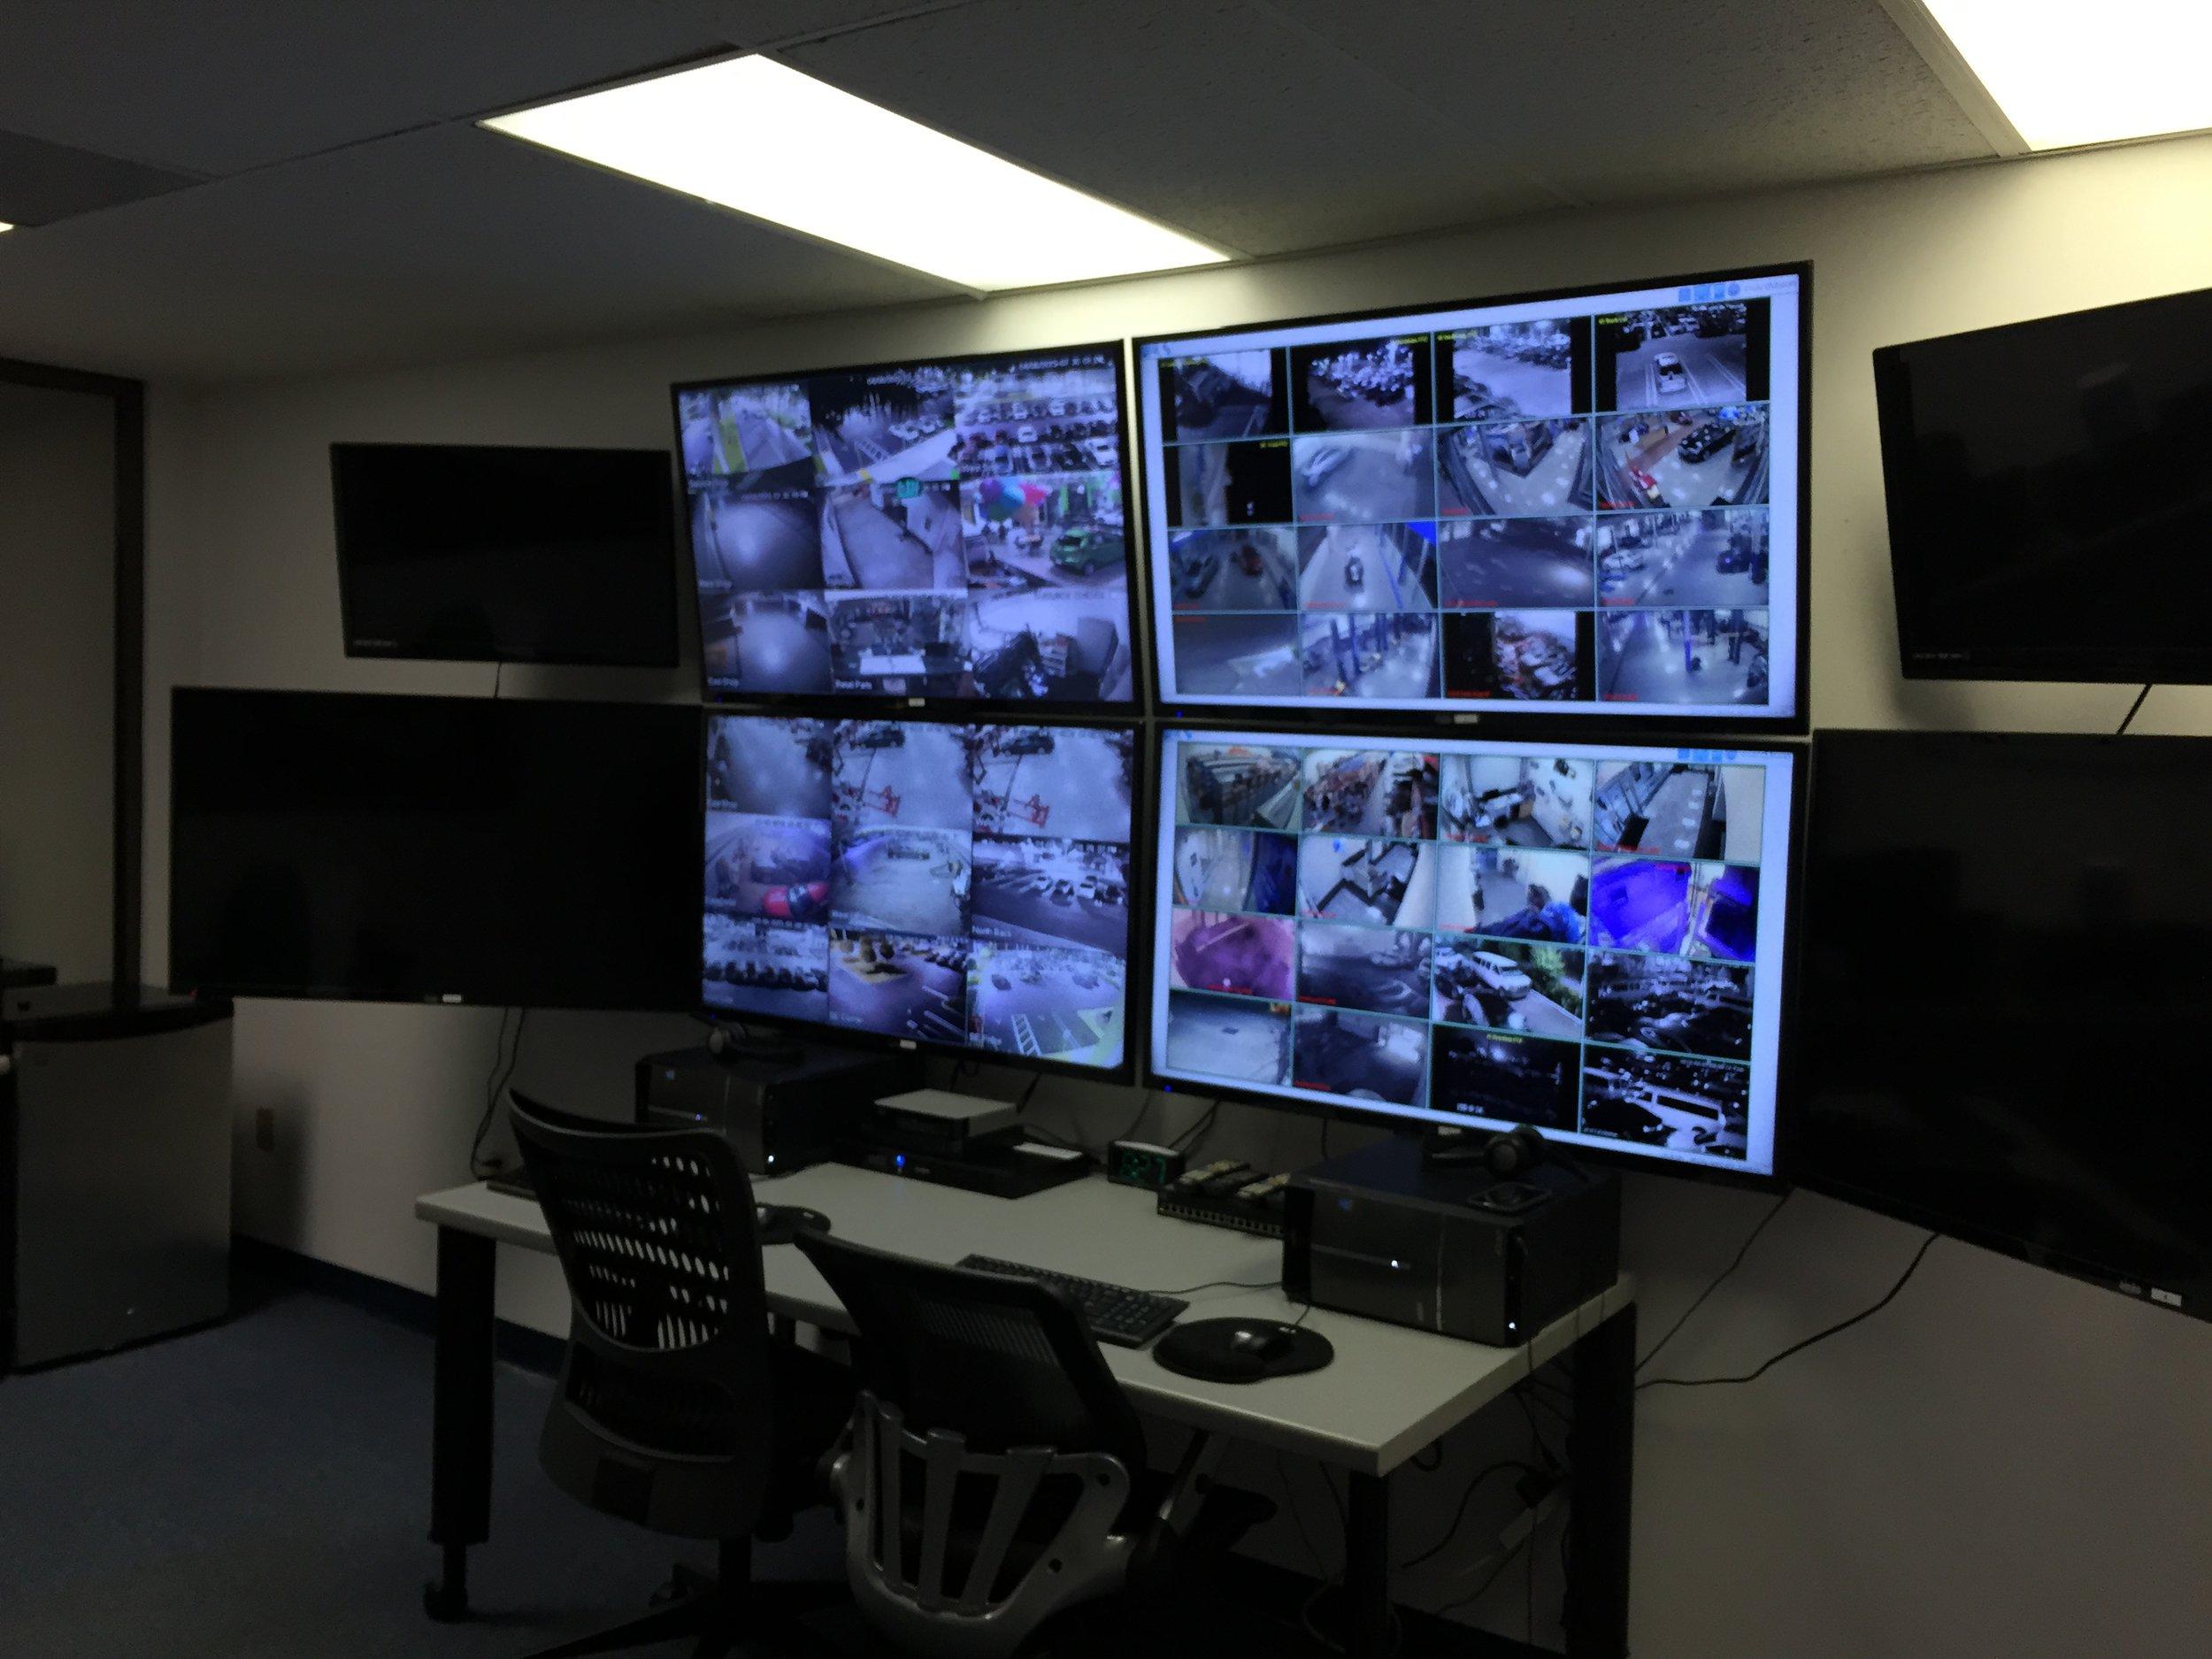 monitoring office2.JPG